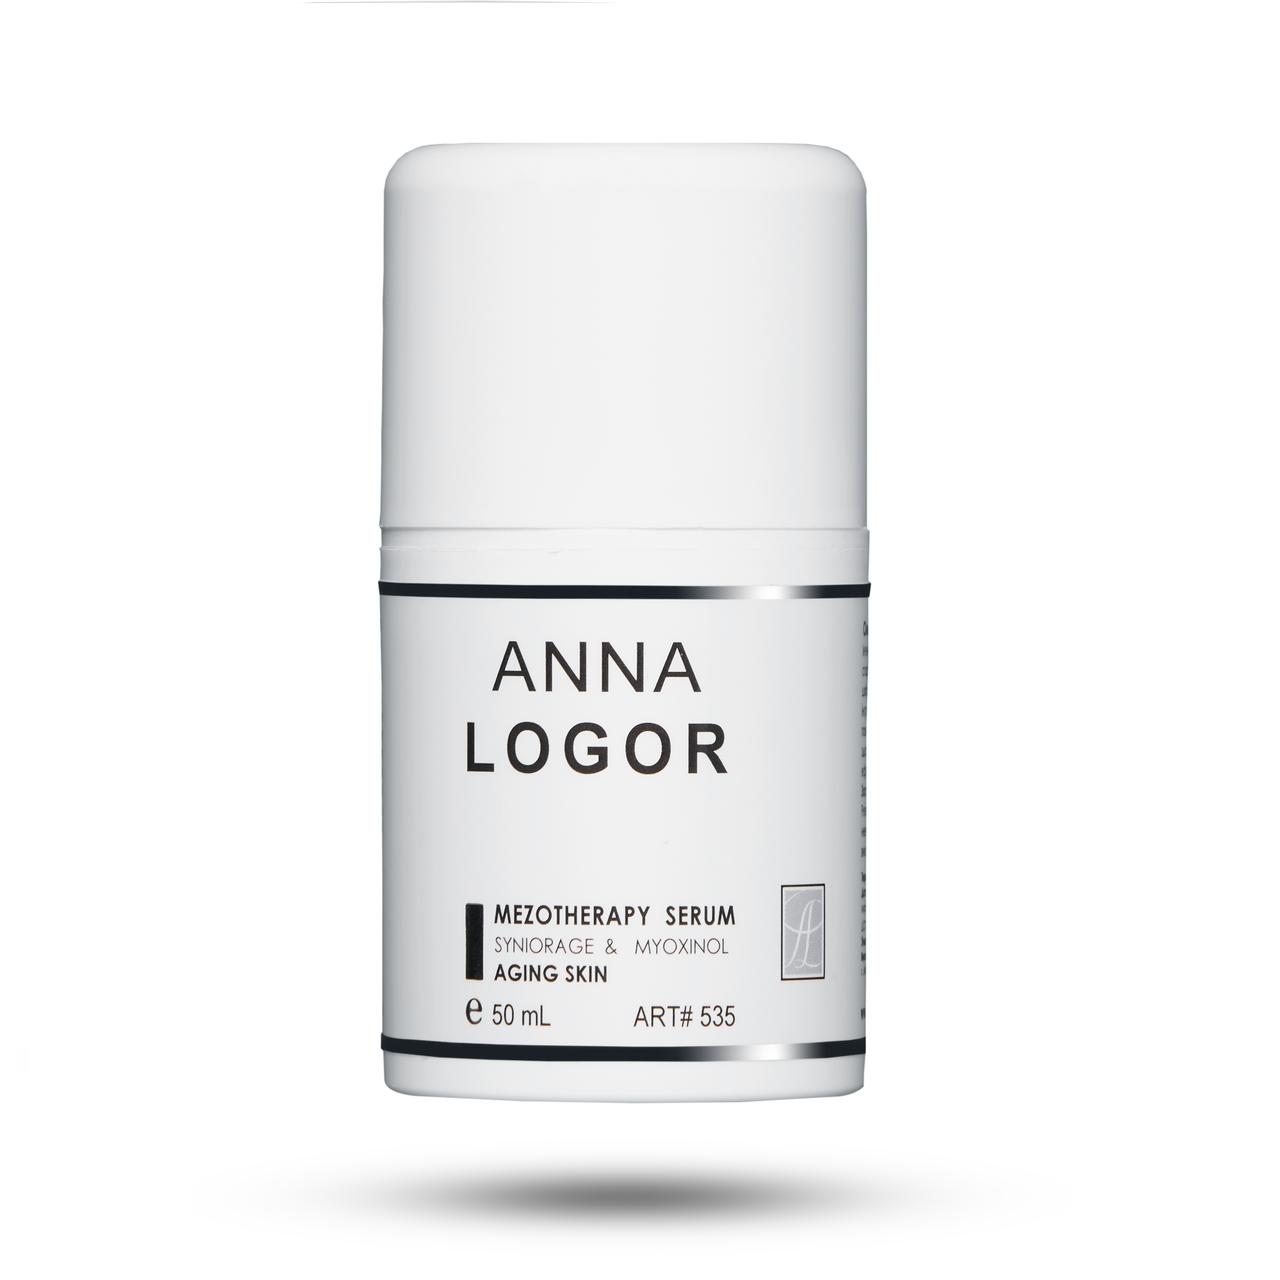 Омолоджуюча  сироватка  з пептидами Анна Логор / Anna Logor Mezotherapy Serum Код 535